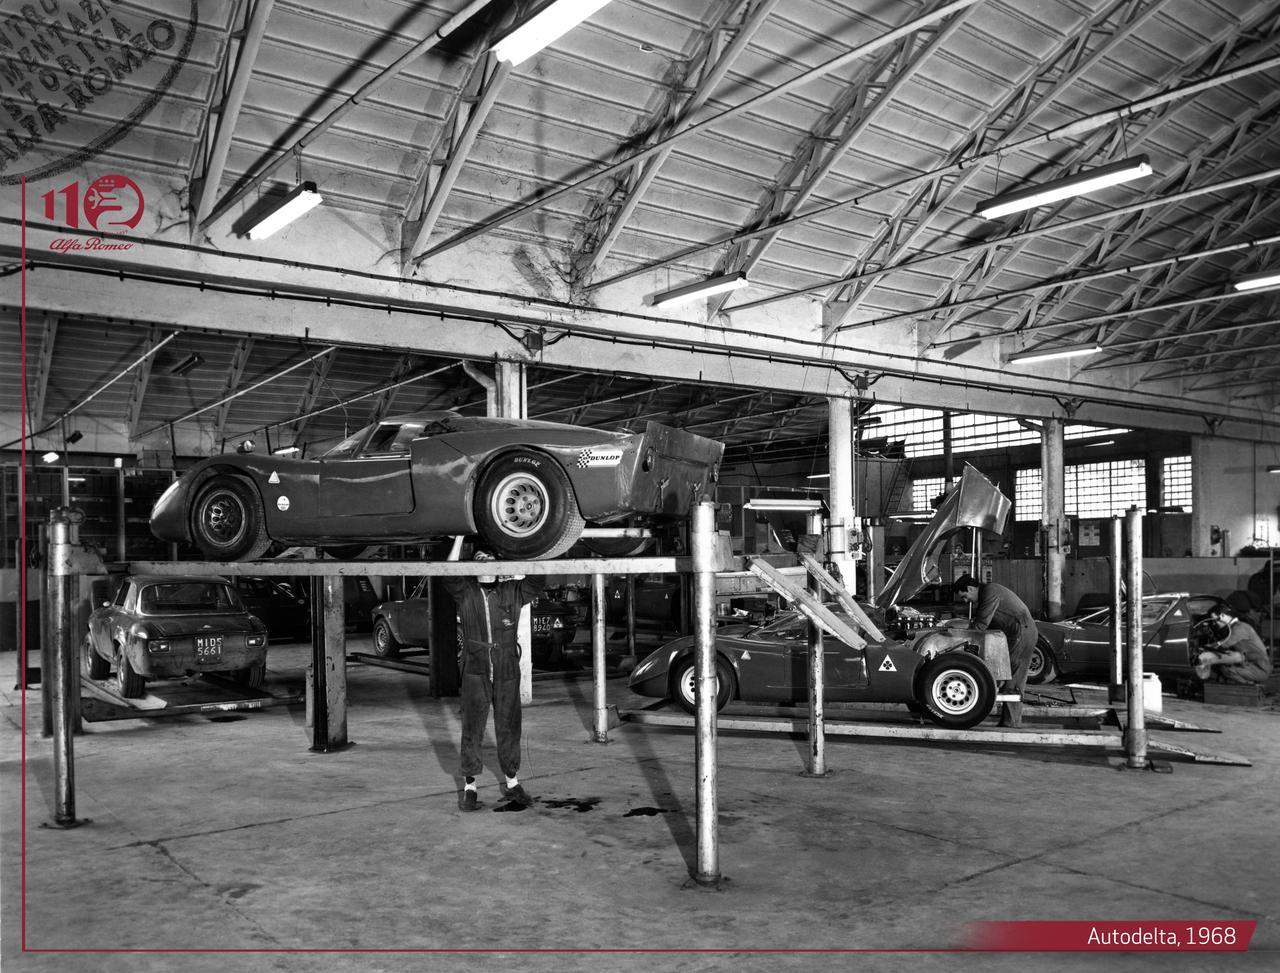 rsz_autodelta-1968.jpg